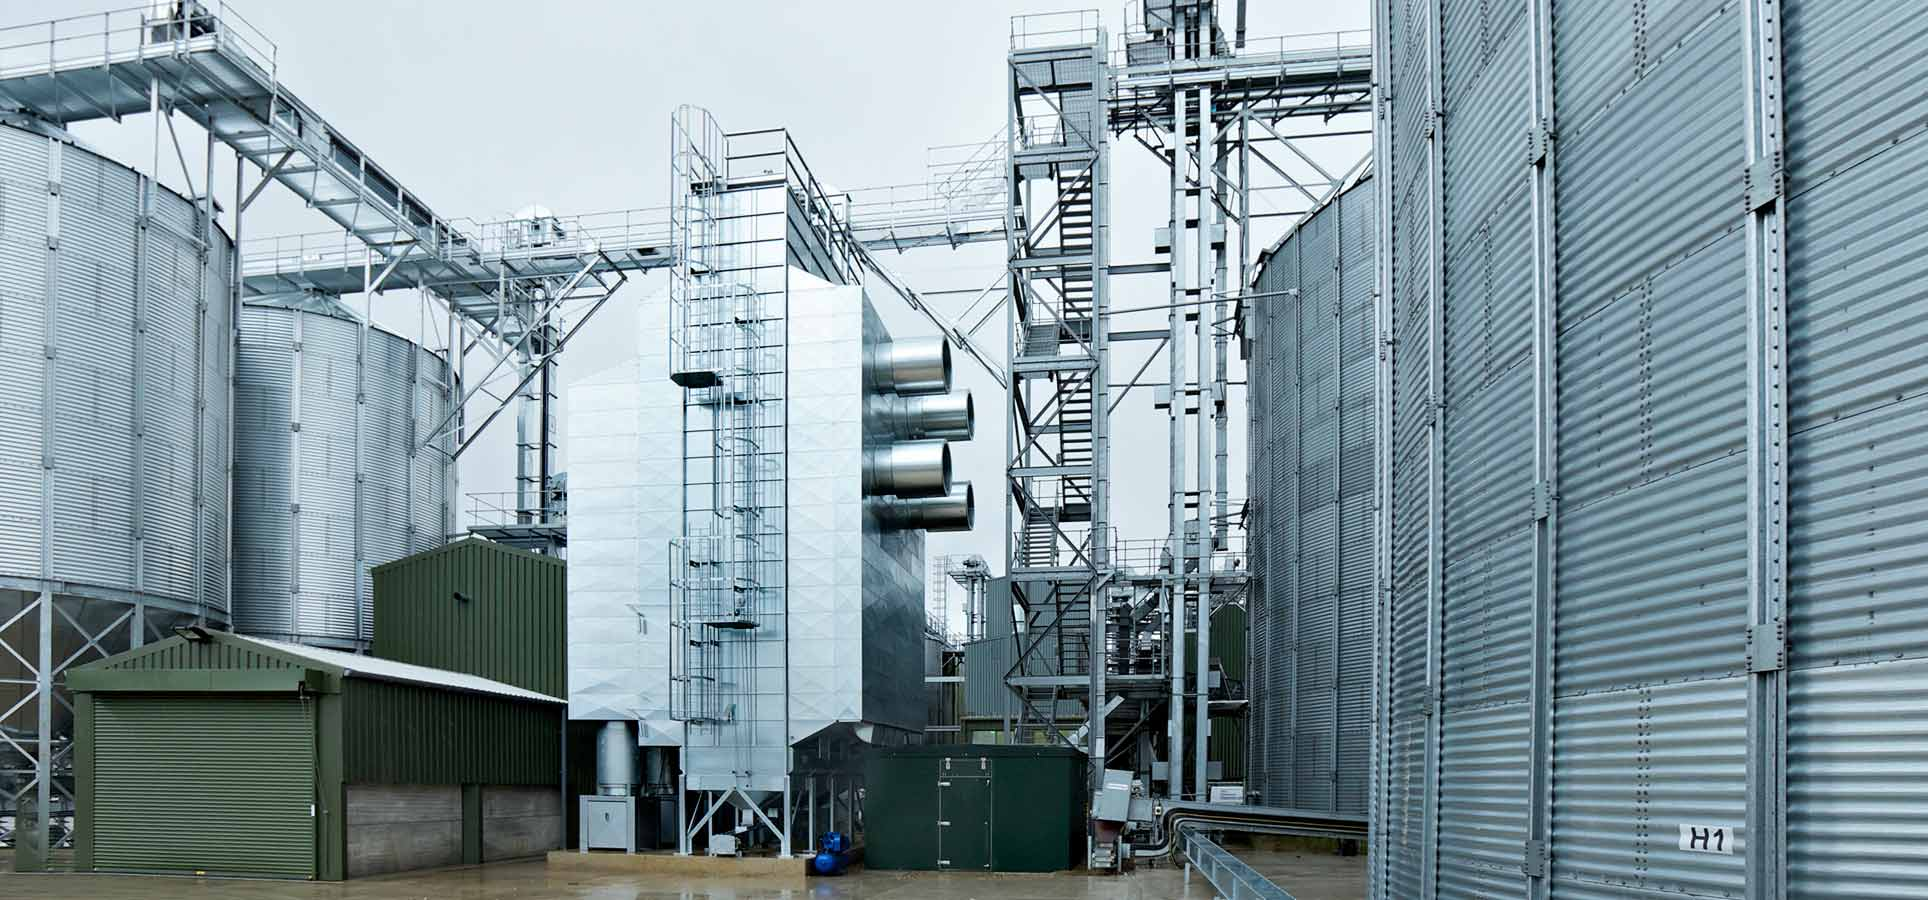 Woldgrain Storage, Jessops Construction Ltd